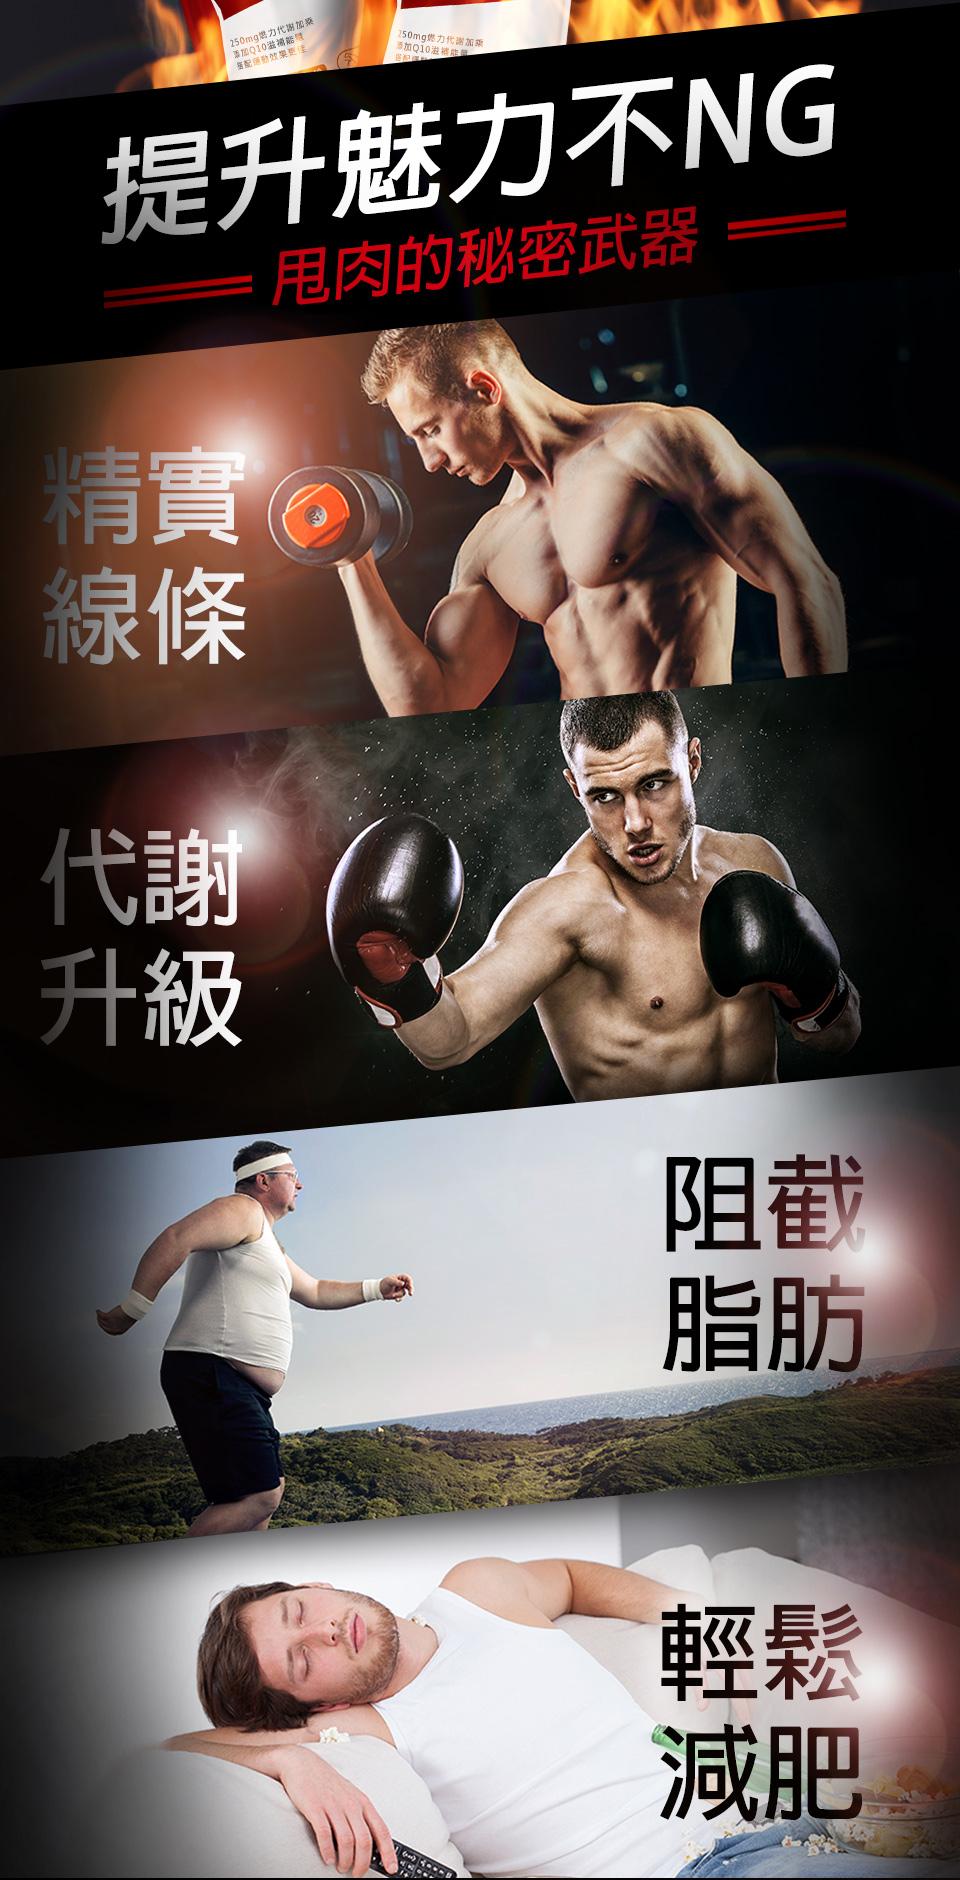 左旋肉鹼可以提高脂肪氧化速率,有助於減脂及耐力性運動,並能減少乳酸在肌肉細胞中的堆積